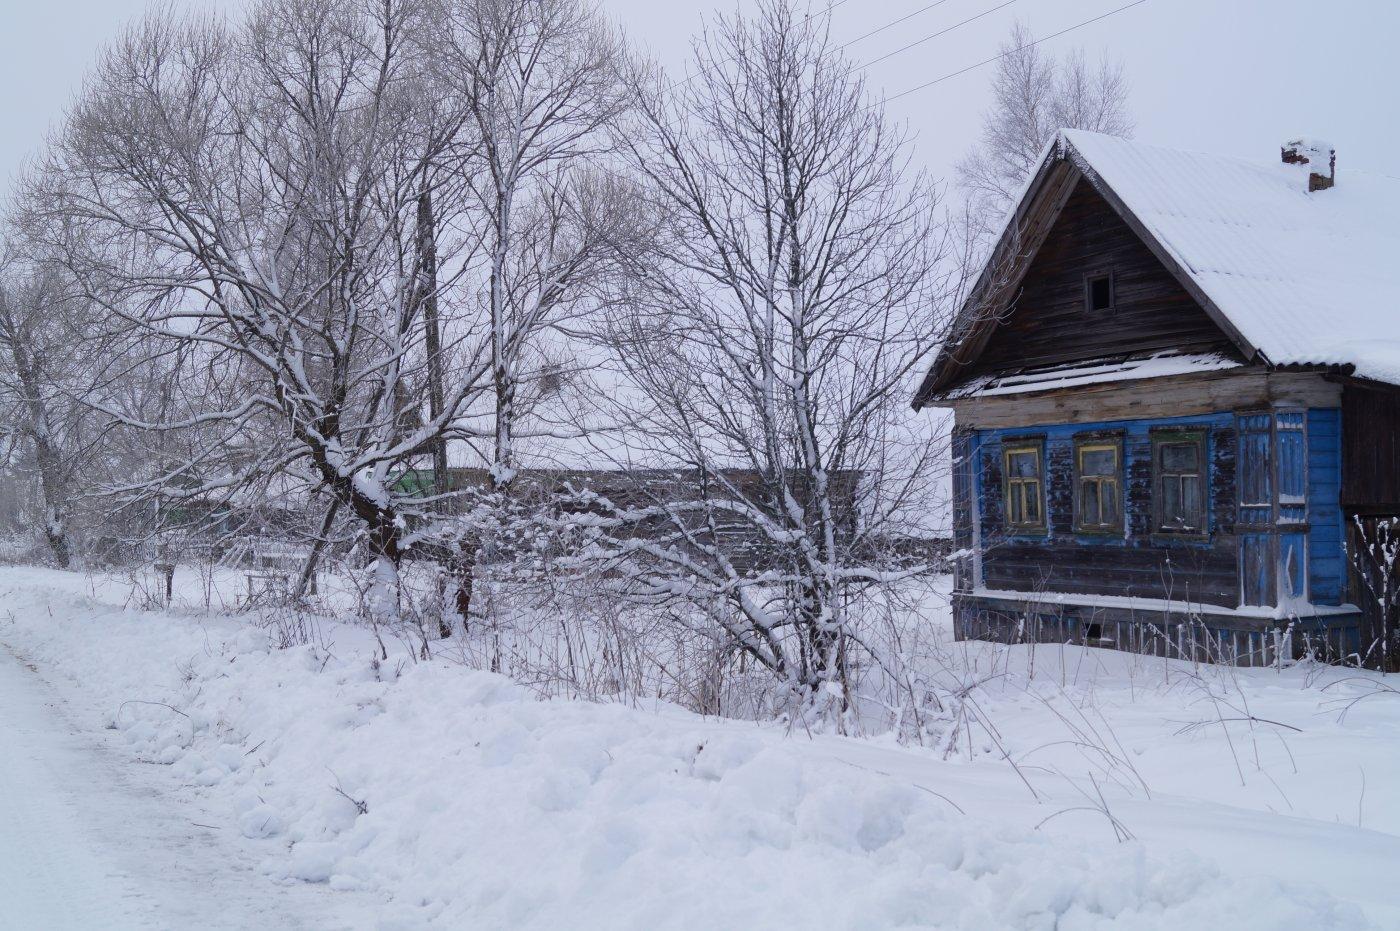 Фото DSC00321.JPG. Россия, Тверская область, Якимовская, Unnamed Road